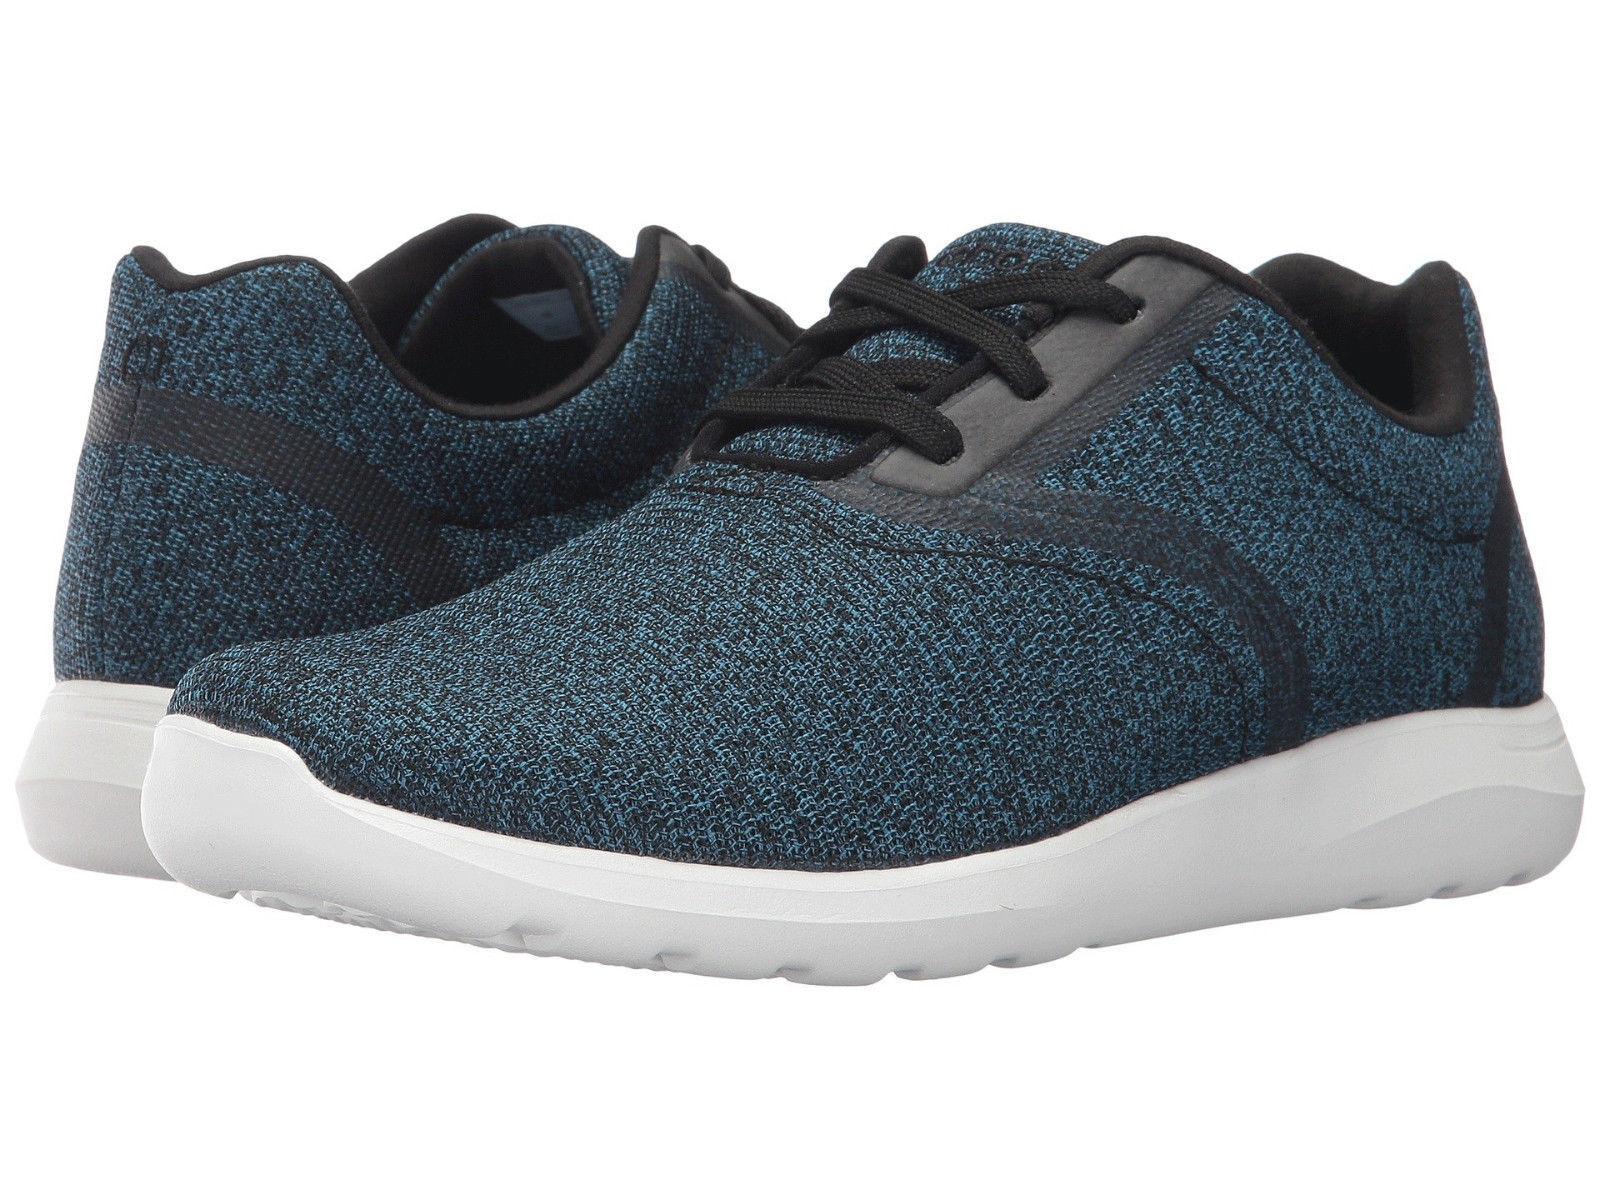 CROCS Kinsale Static Lace Men's Shoes Navy/White Standard Fit 204734462